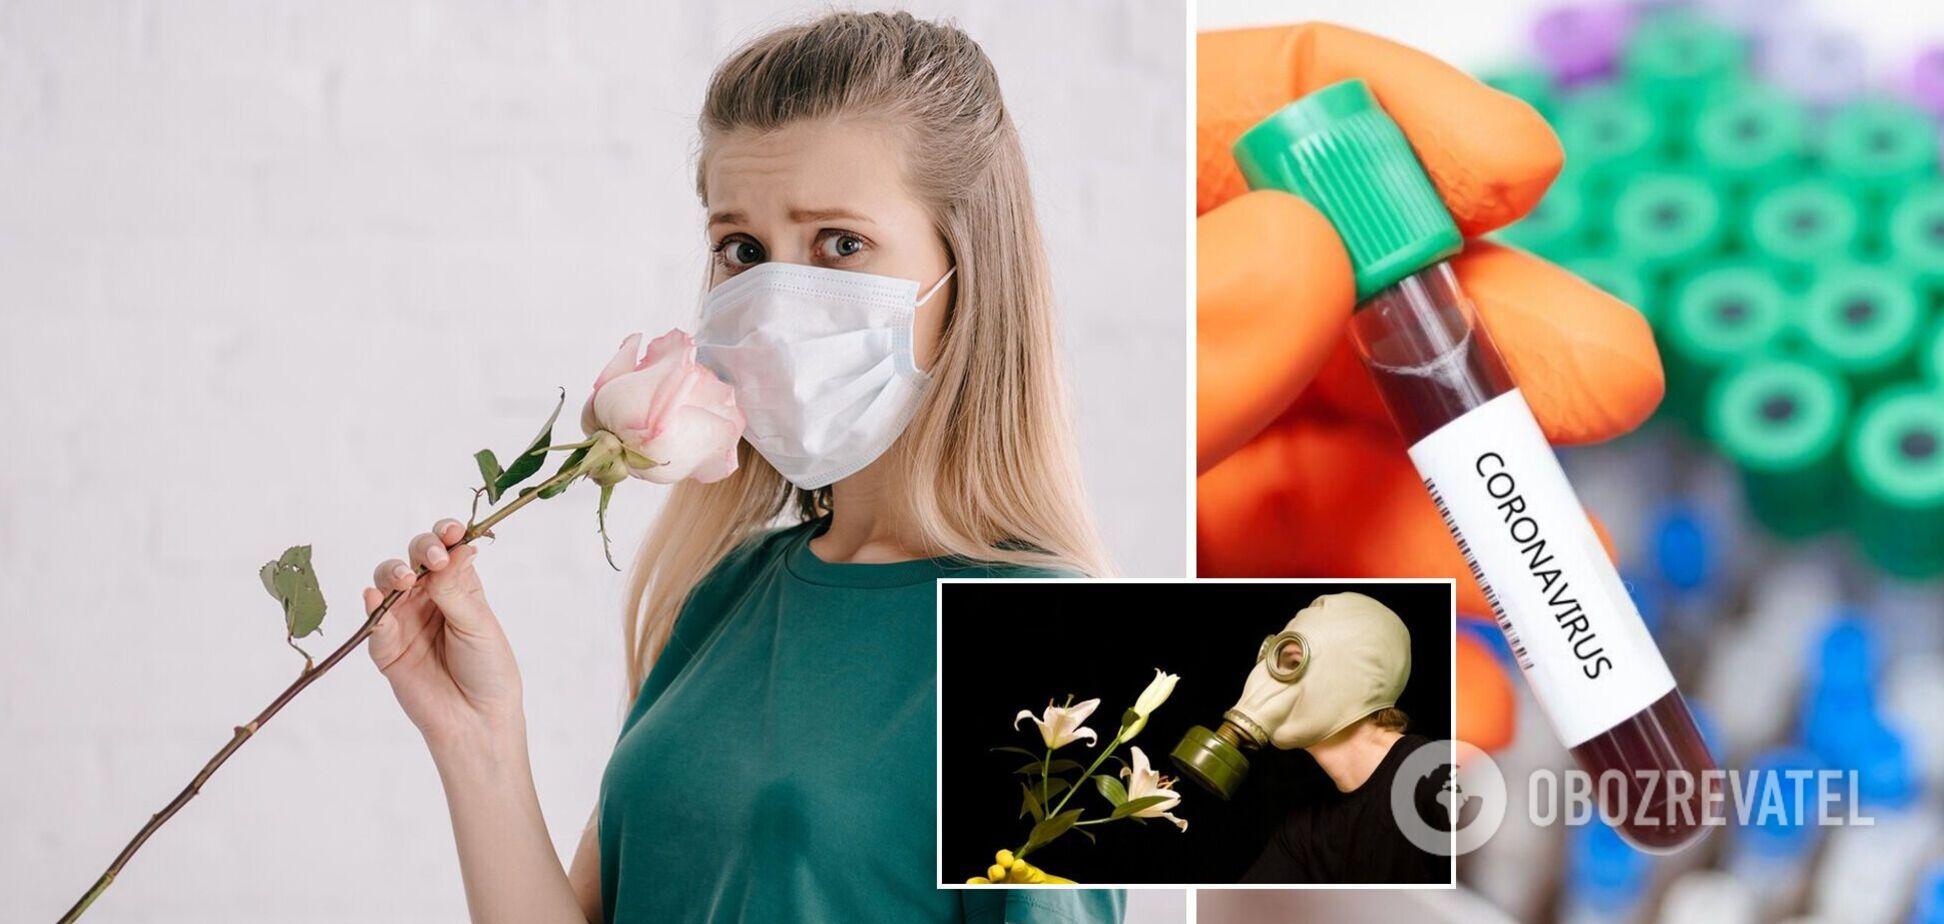 Що робити, якщо після COVID-19 не повертається нюх: лікар дав відповідь